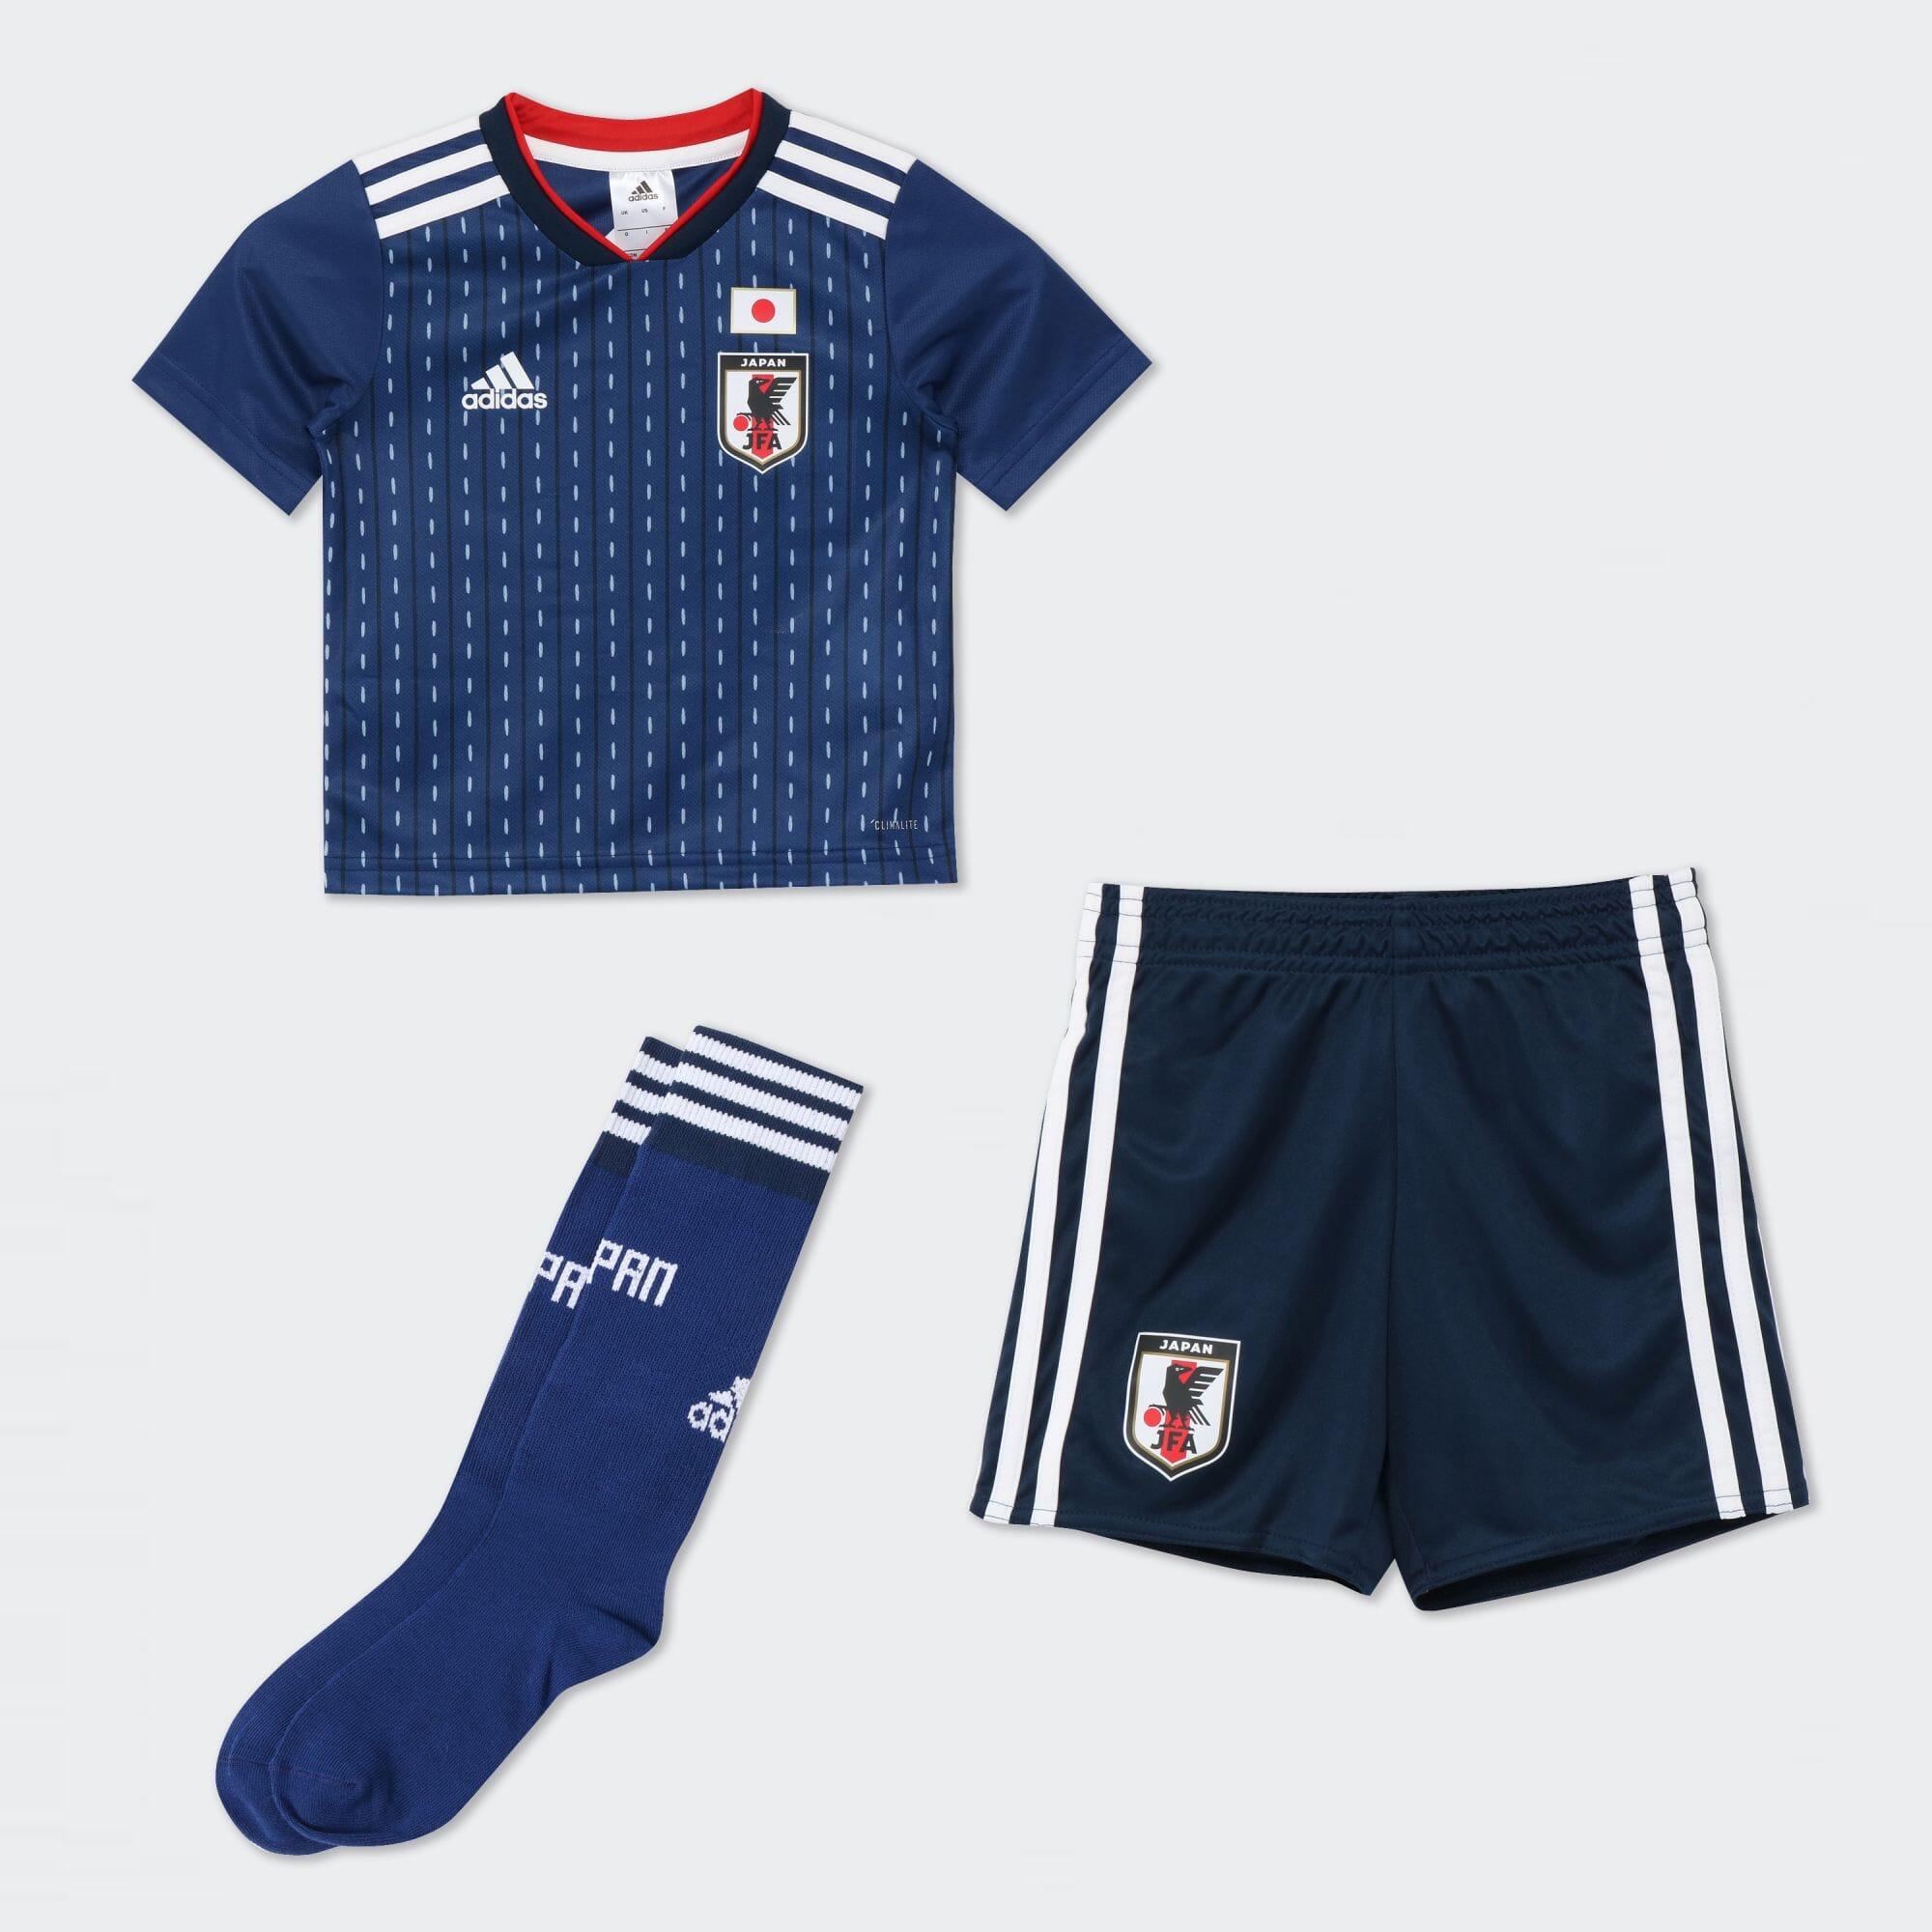 Kidsサッカー日本代表 ホームミニキット【FIFAワールドカップTM モデル】